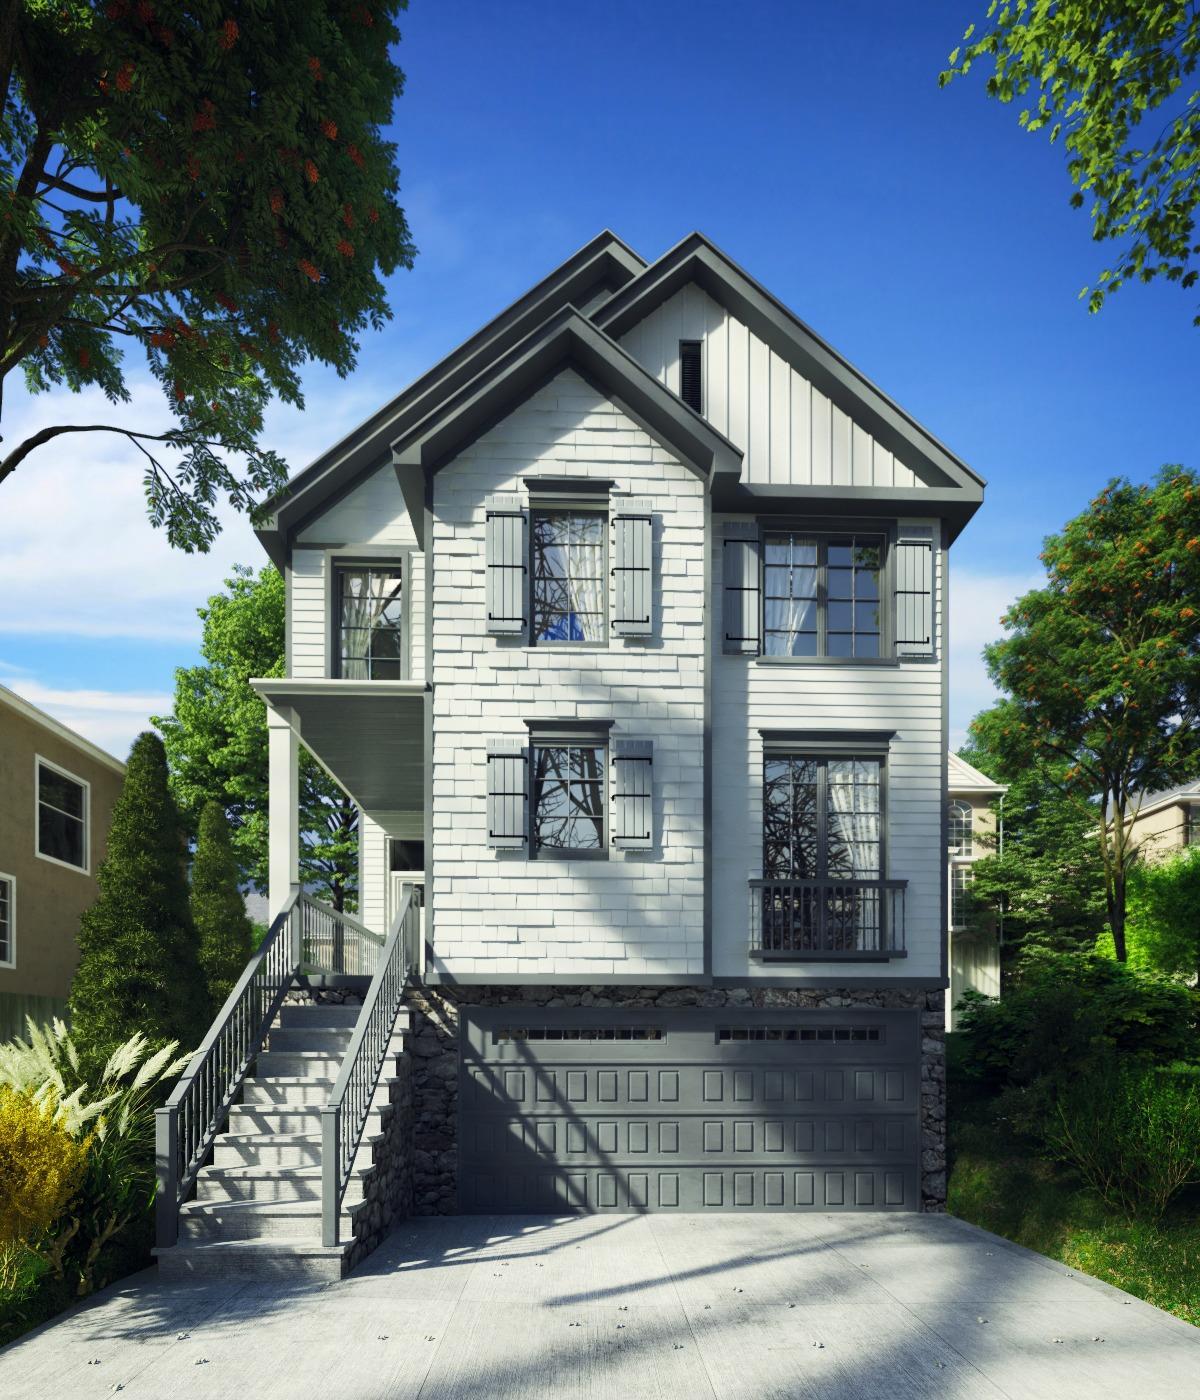 Property for sale at 3545 Saybrook Avenue, Cincinnati,  OH 45208